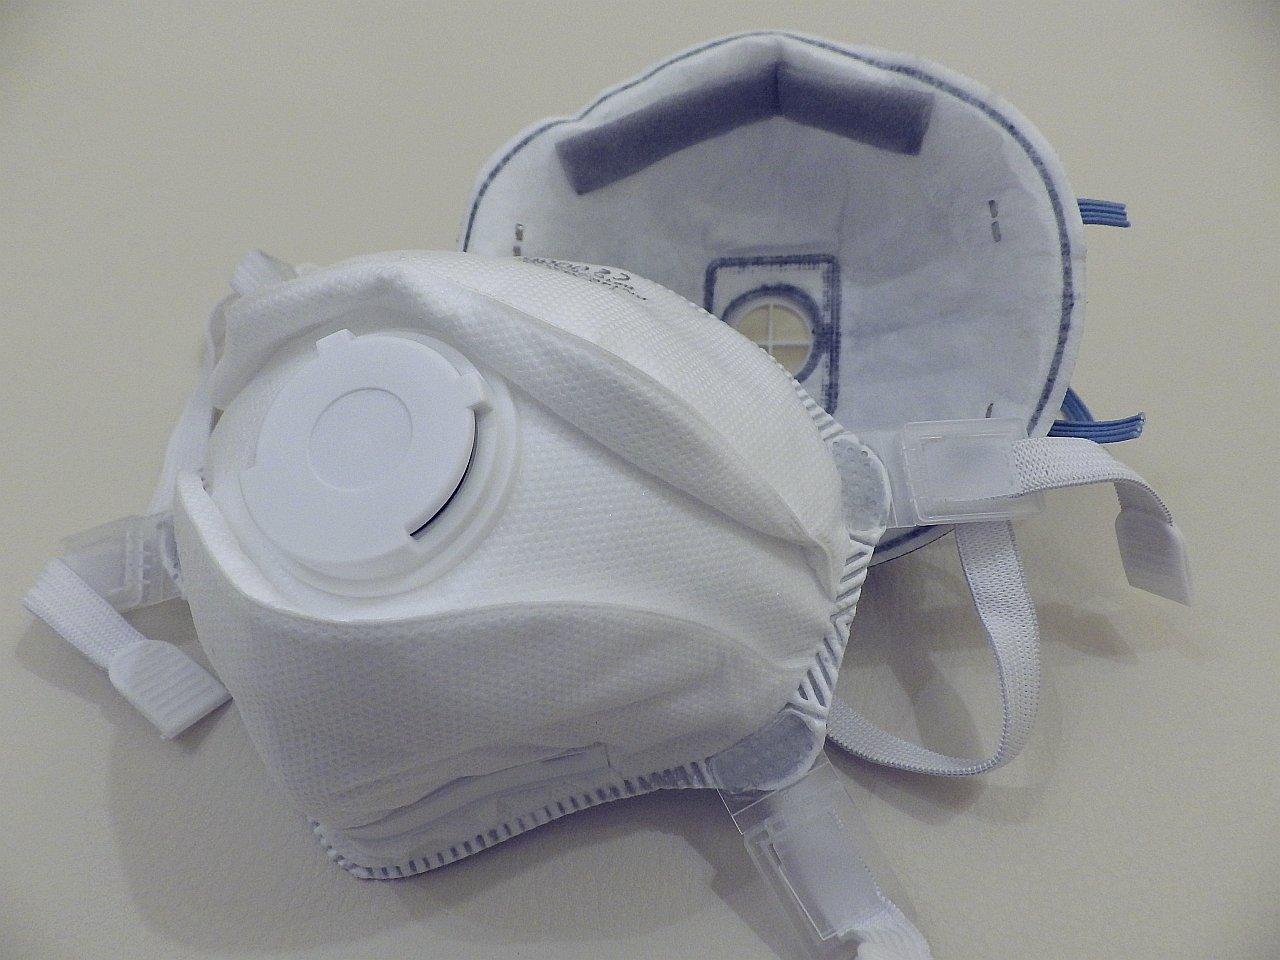 Légzésvédő maszk, félálarc (fotó: VBEdgar)